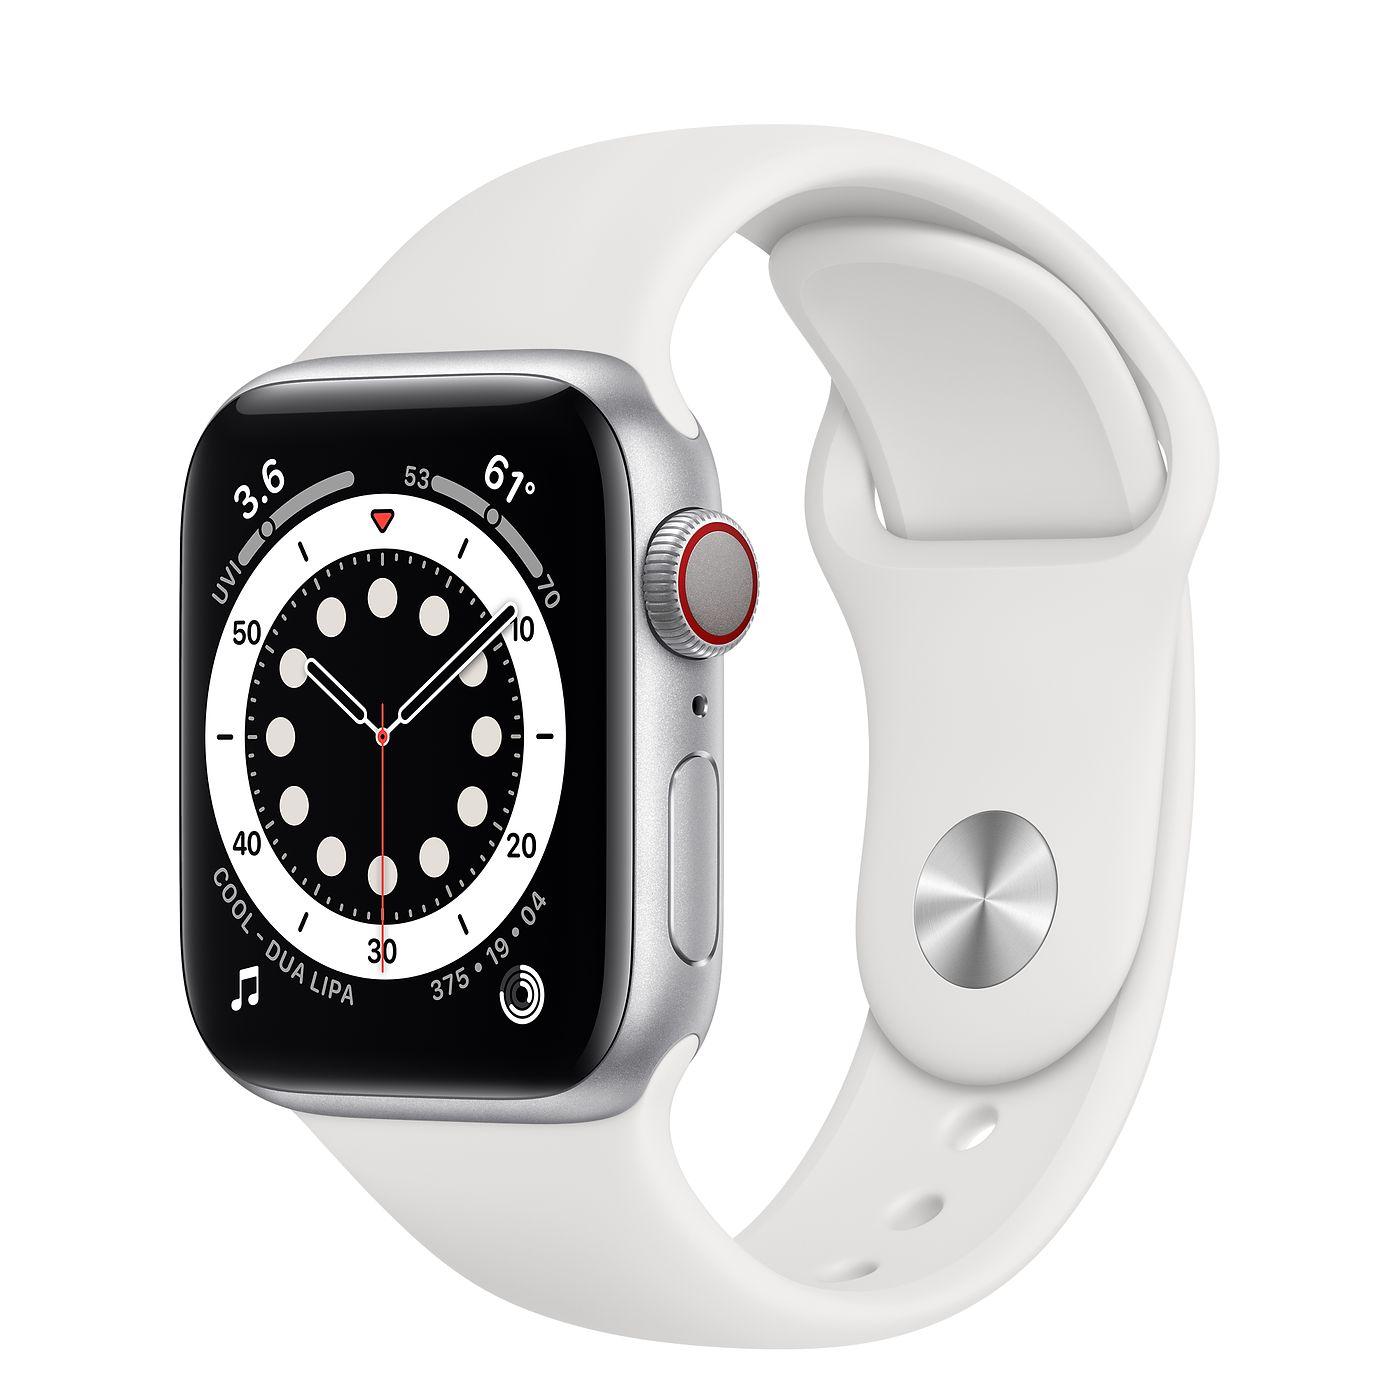 Apple 2020년 애플워치 6, GPS+Cellular, 실버 알루미늄 케이스, 화이트 스포츠 밴드